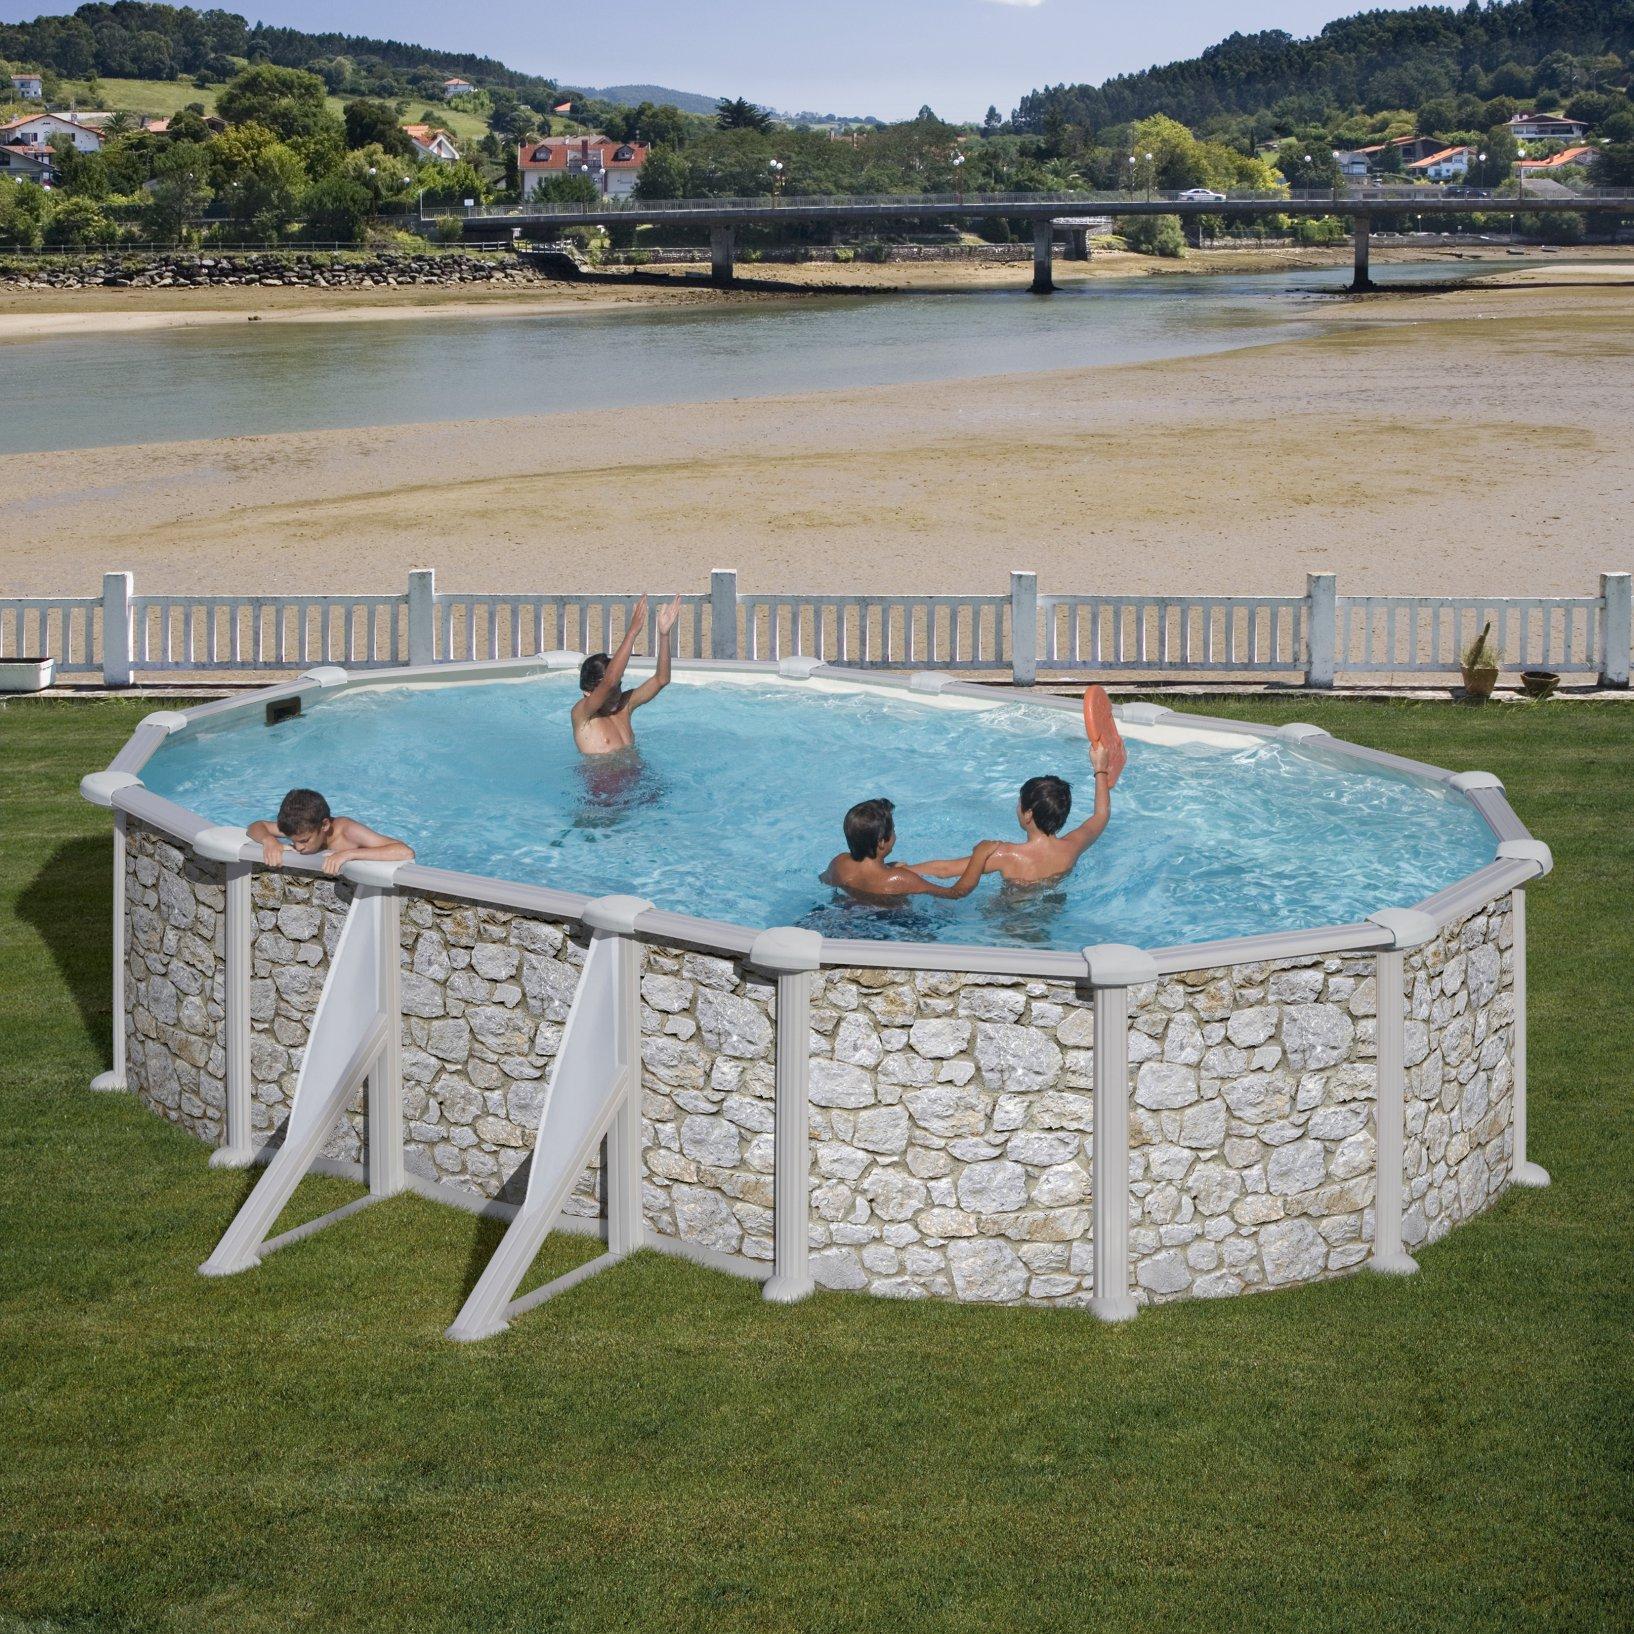 Ces 7 riens qui vous changent un jardin 5 plouf la piscine for Piscine hors sol naturelle